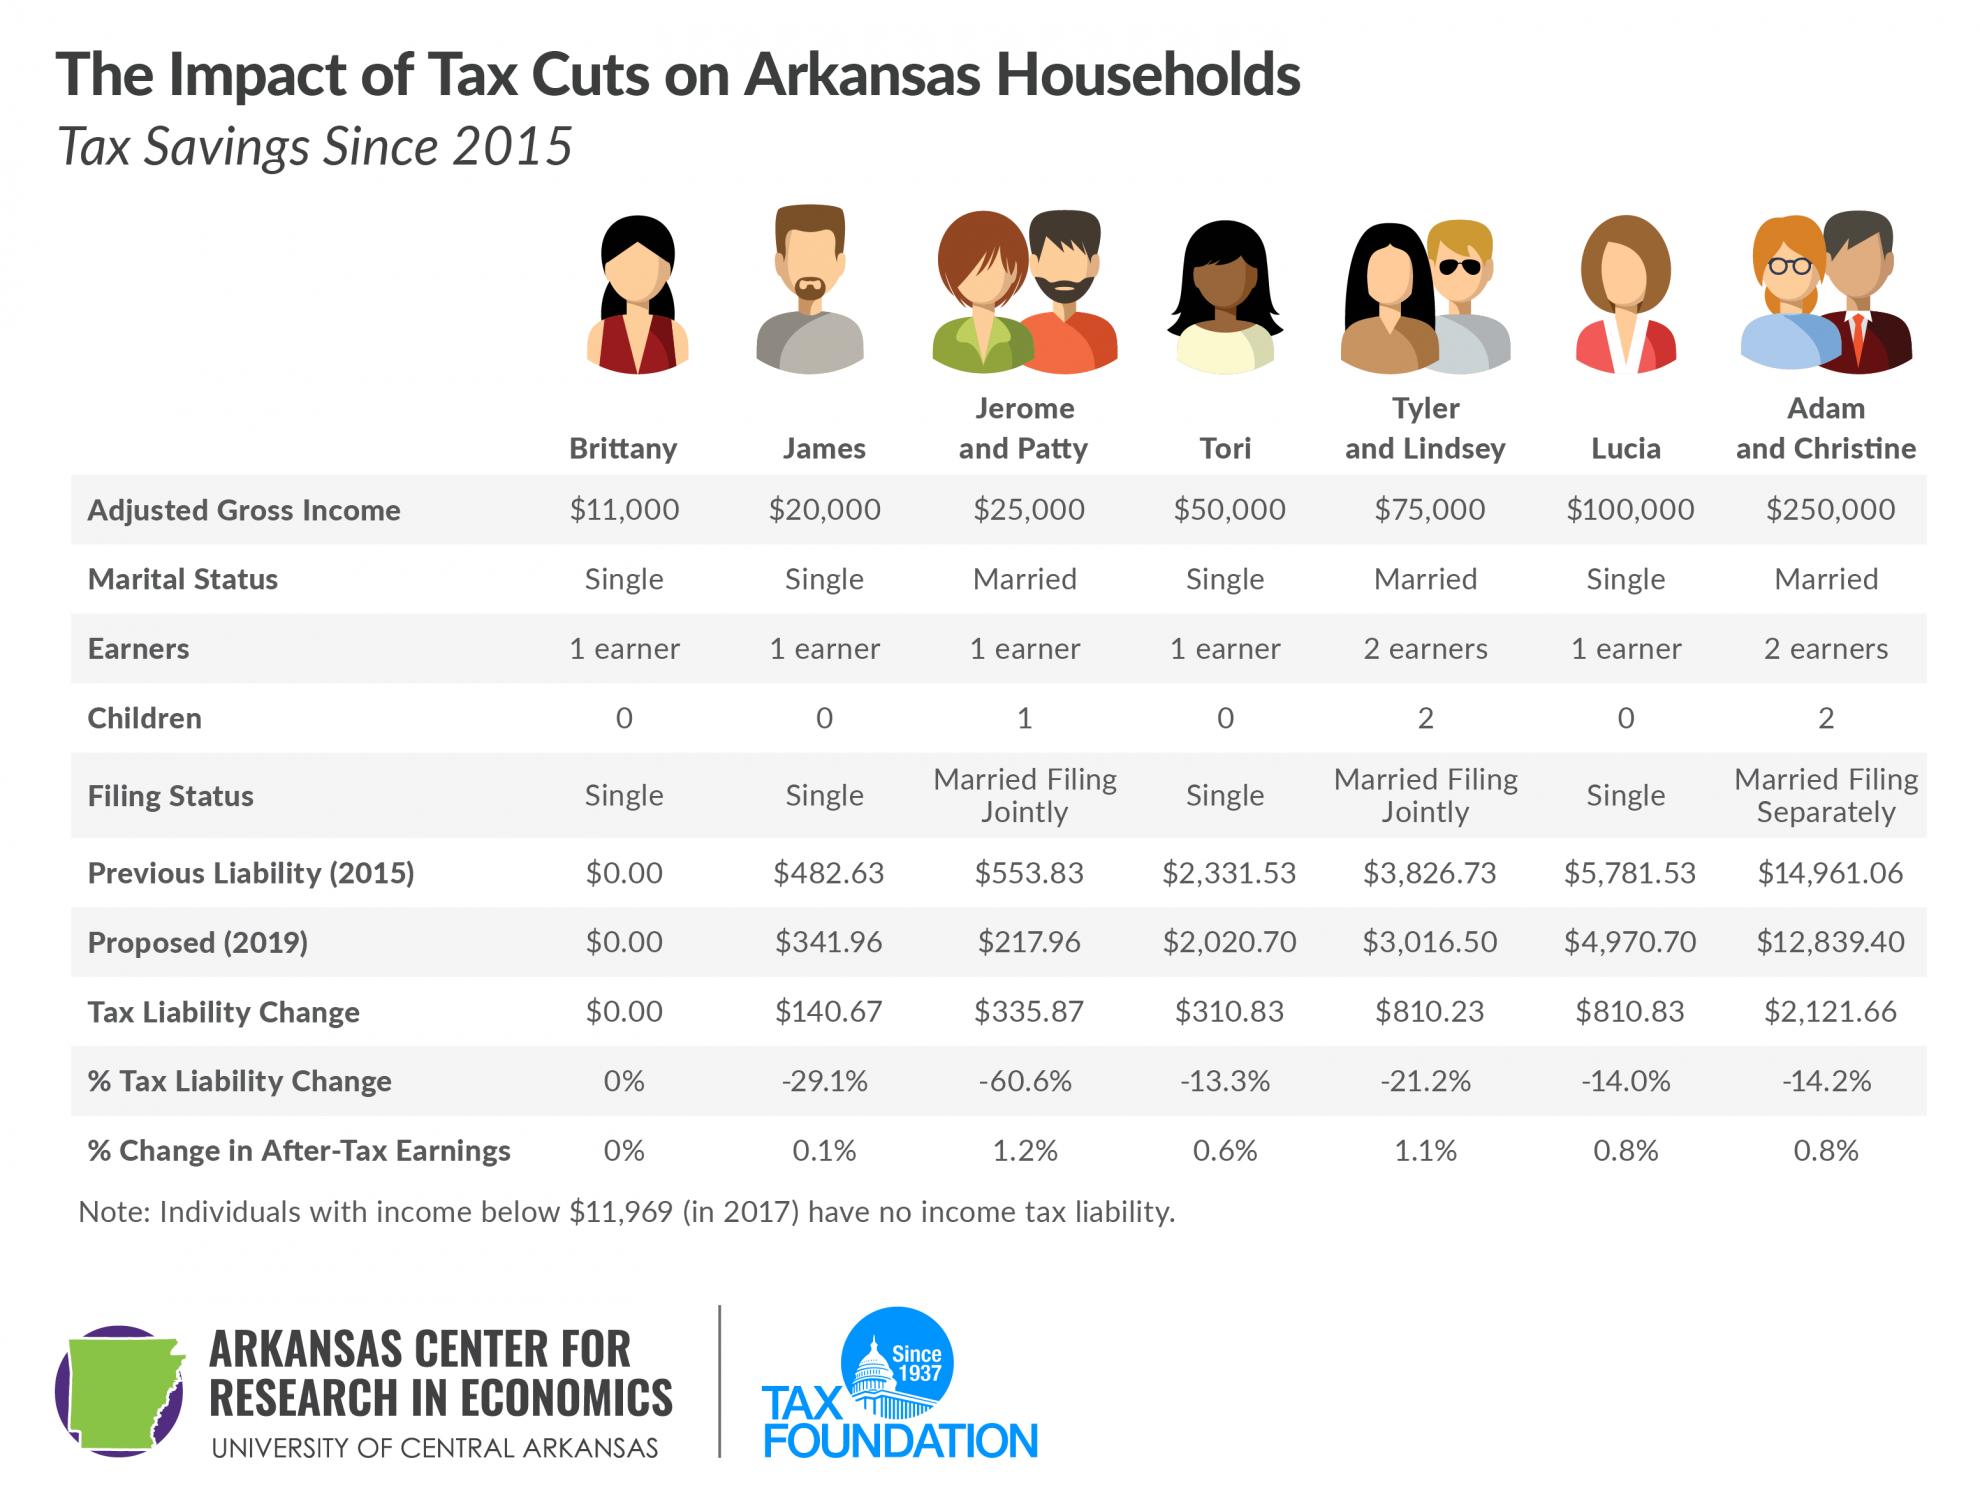 Impact of Tax Cuts on Arkansas households, tax savings since 2015. Arkansas tax cuts